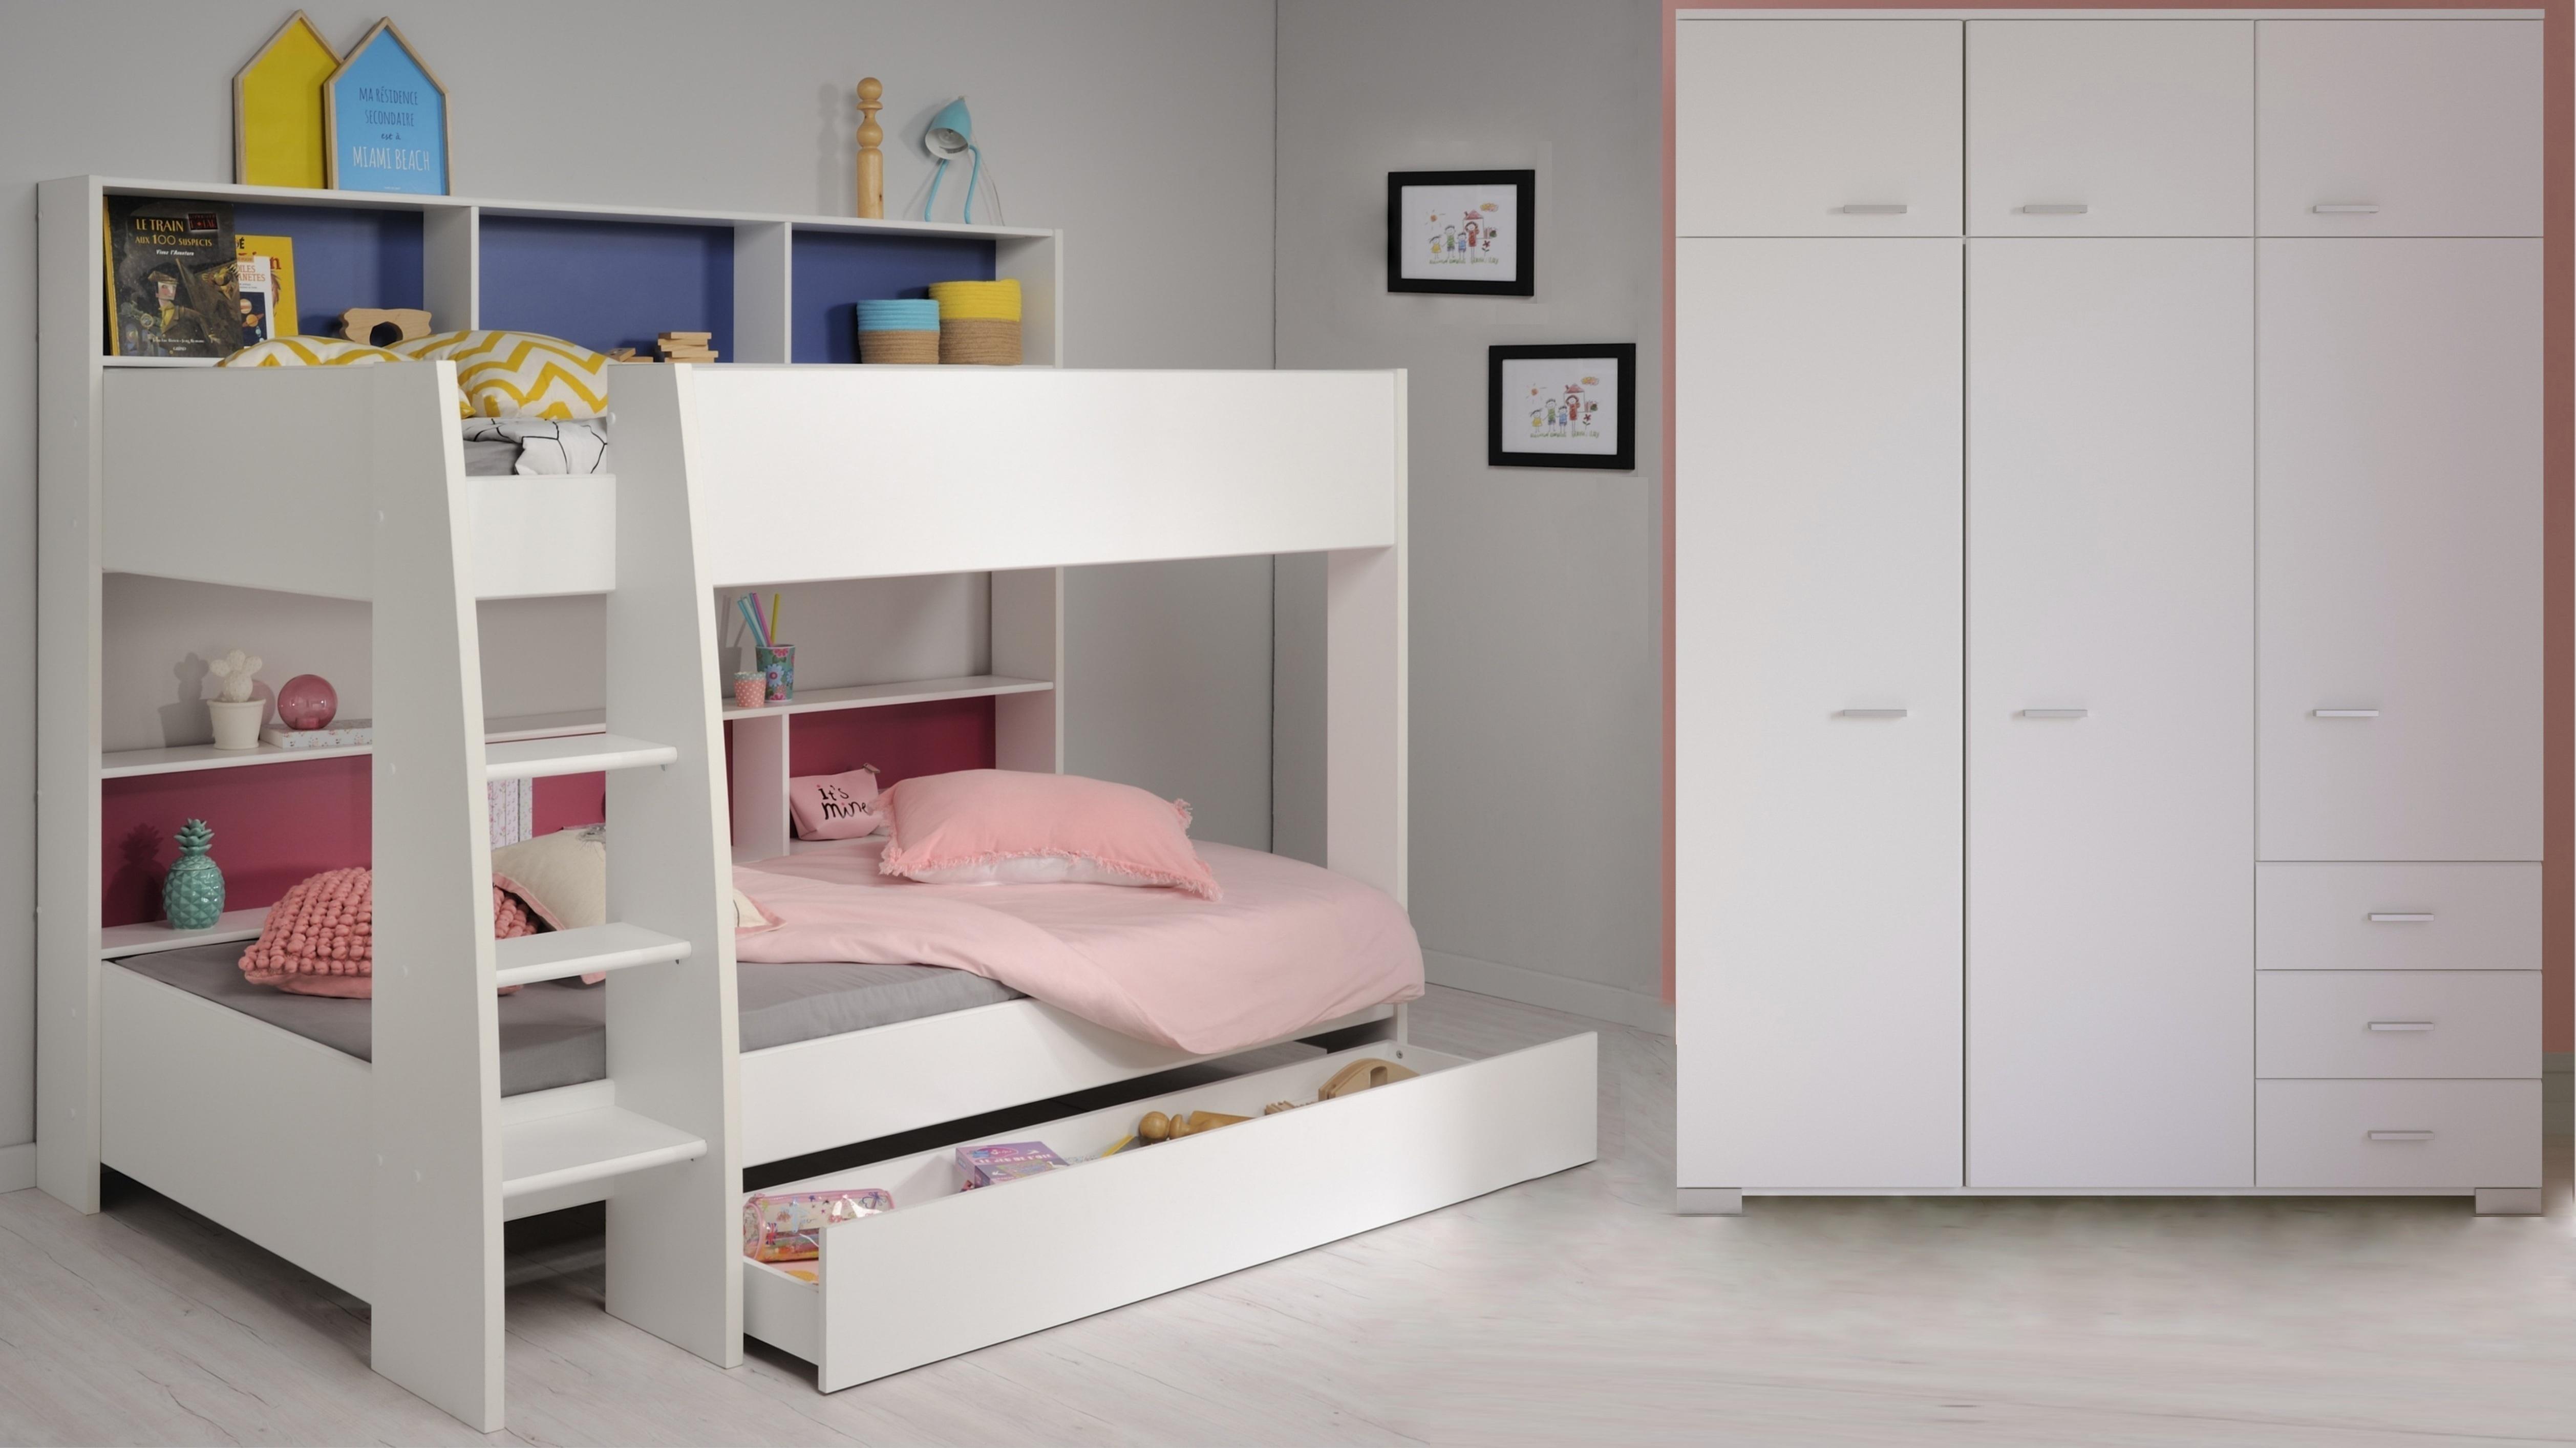 Etagenbett Tam Tam : Kinderzimmer tlg inkl etagenbett tam von parisot weiss